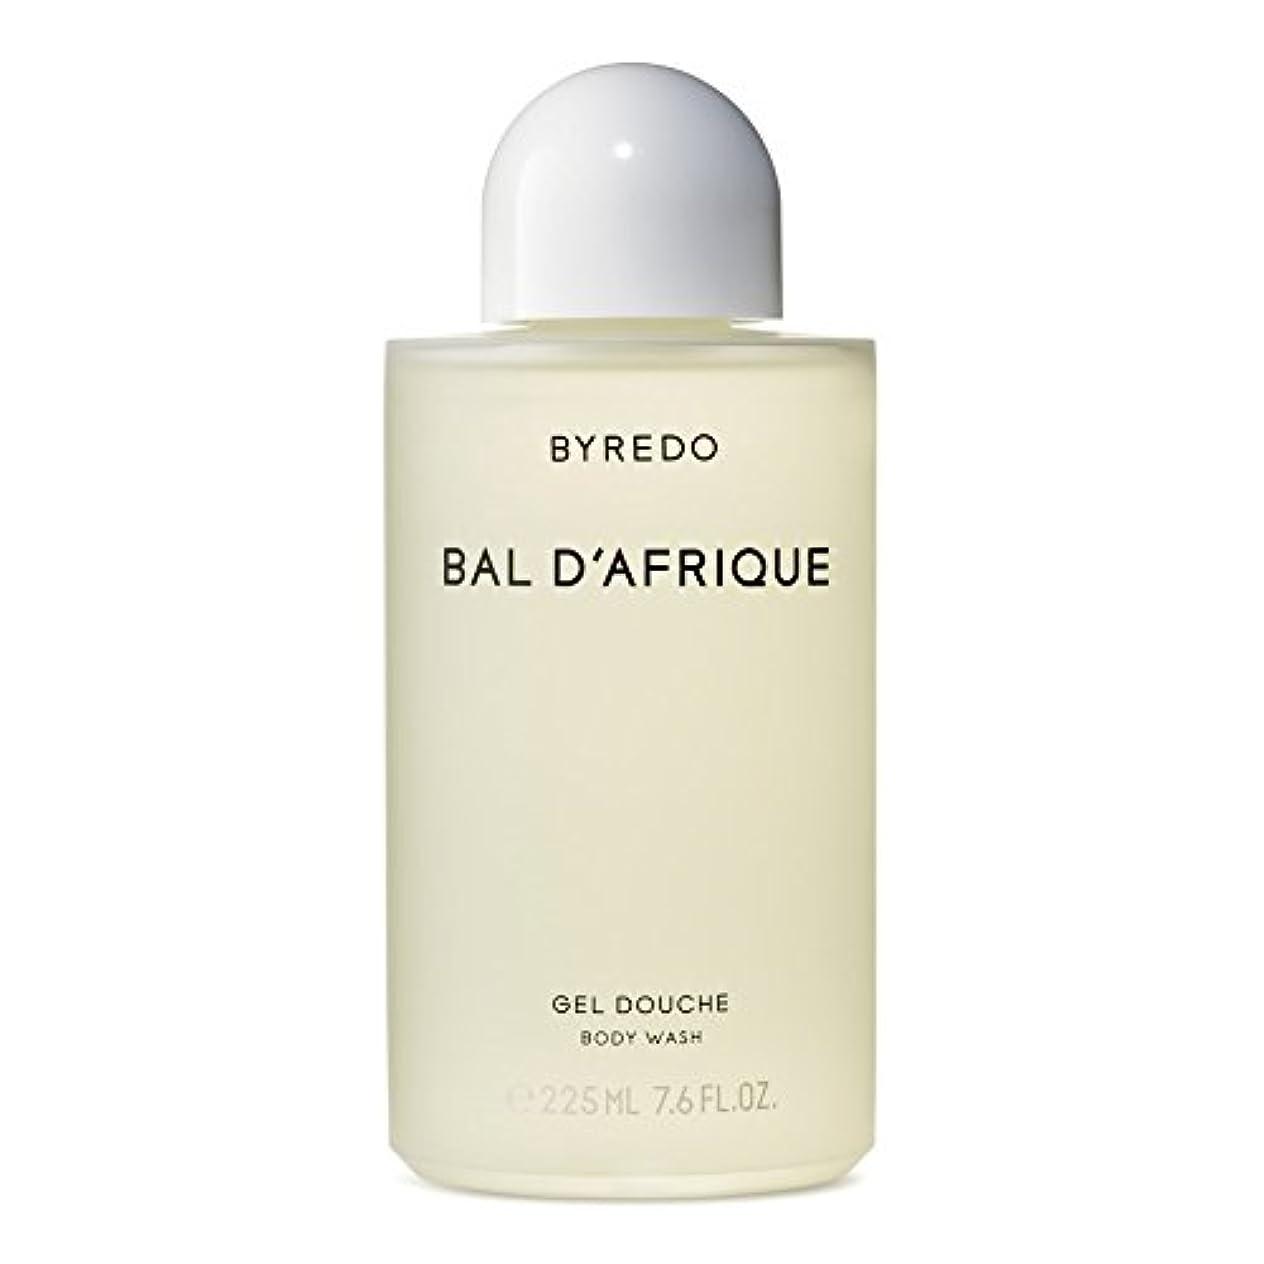 バリケード編集するプロフェッショナル'のボディウォッシュ225ミリリットル x2 - Byredo Bal d'Afrique Body Wash 225ml (Pack of 2) [並行輸入品]